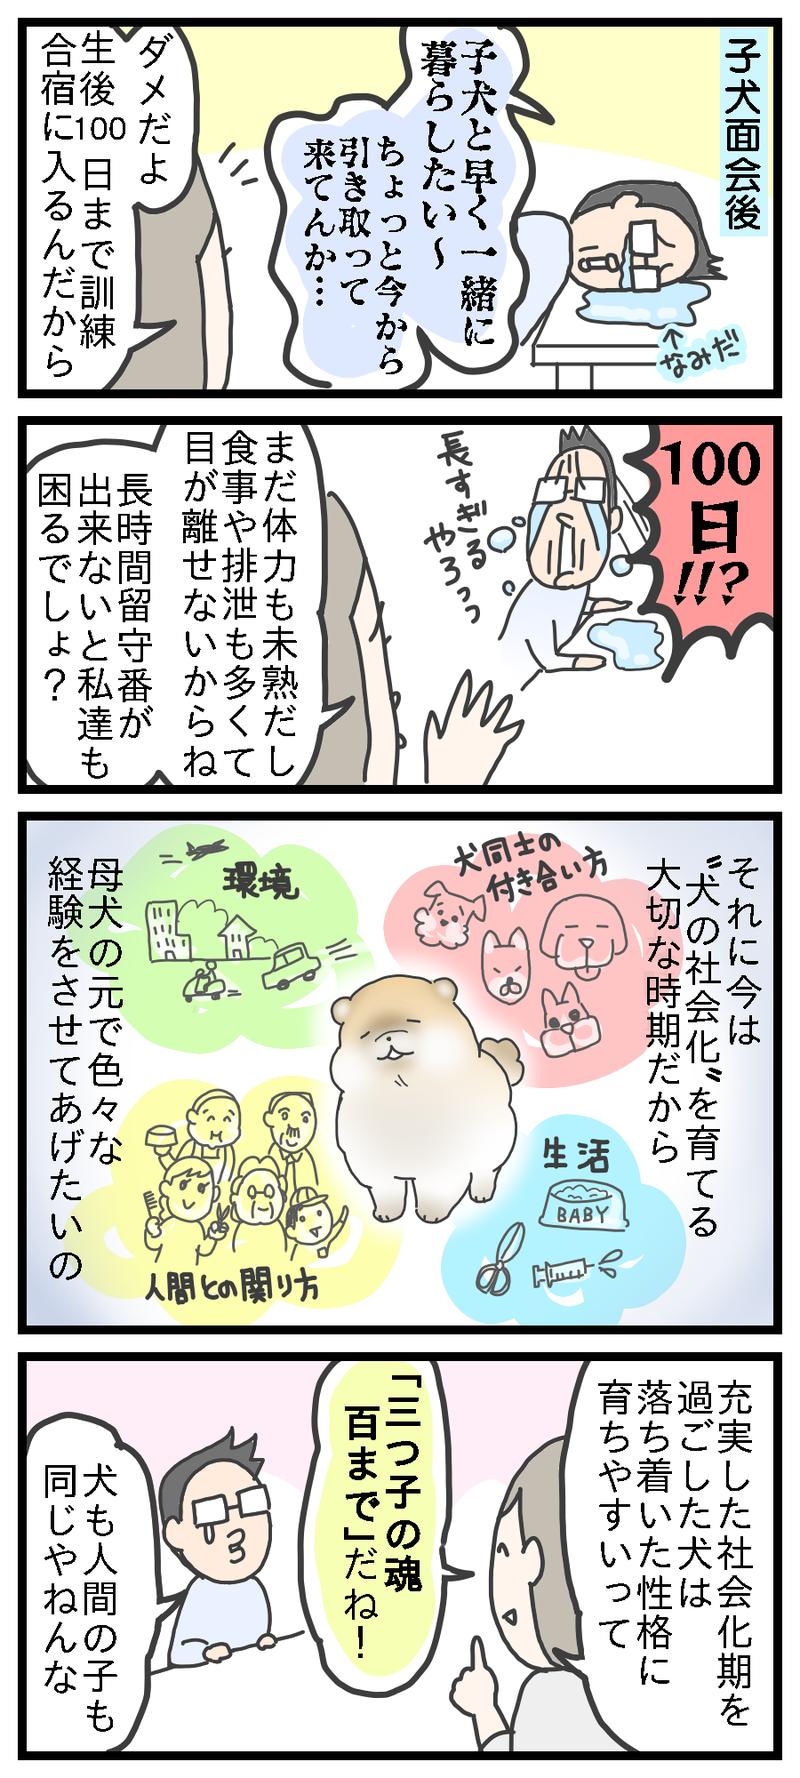 犬の社会化   ここんち!~ほの...